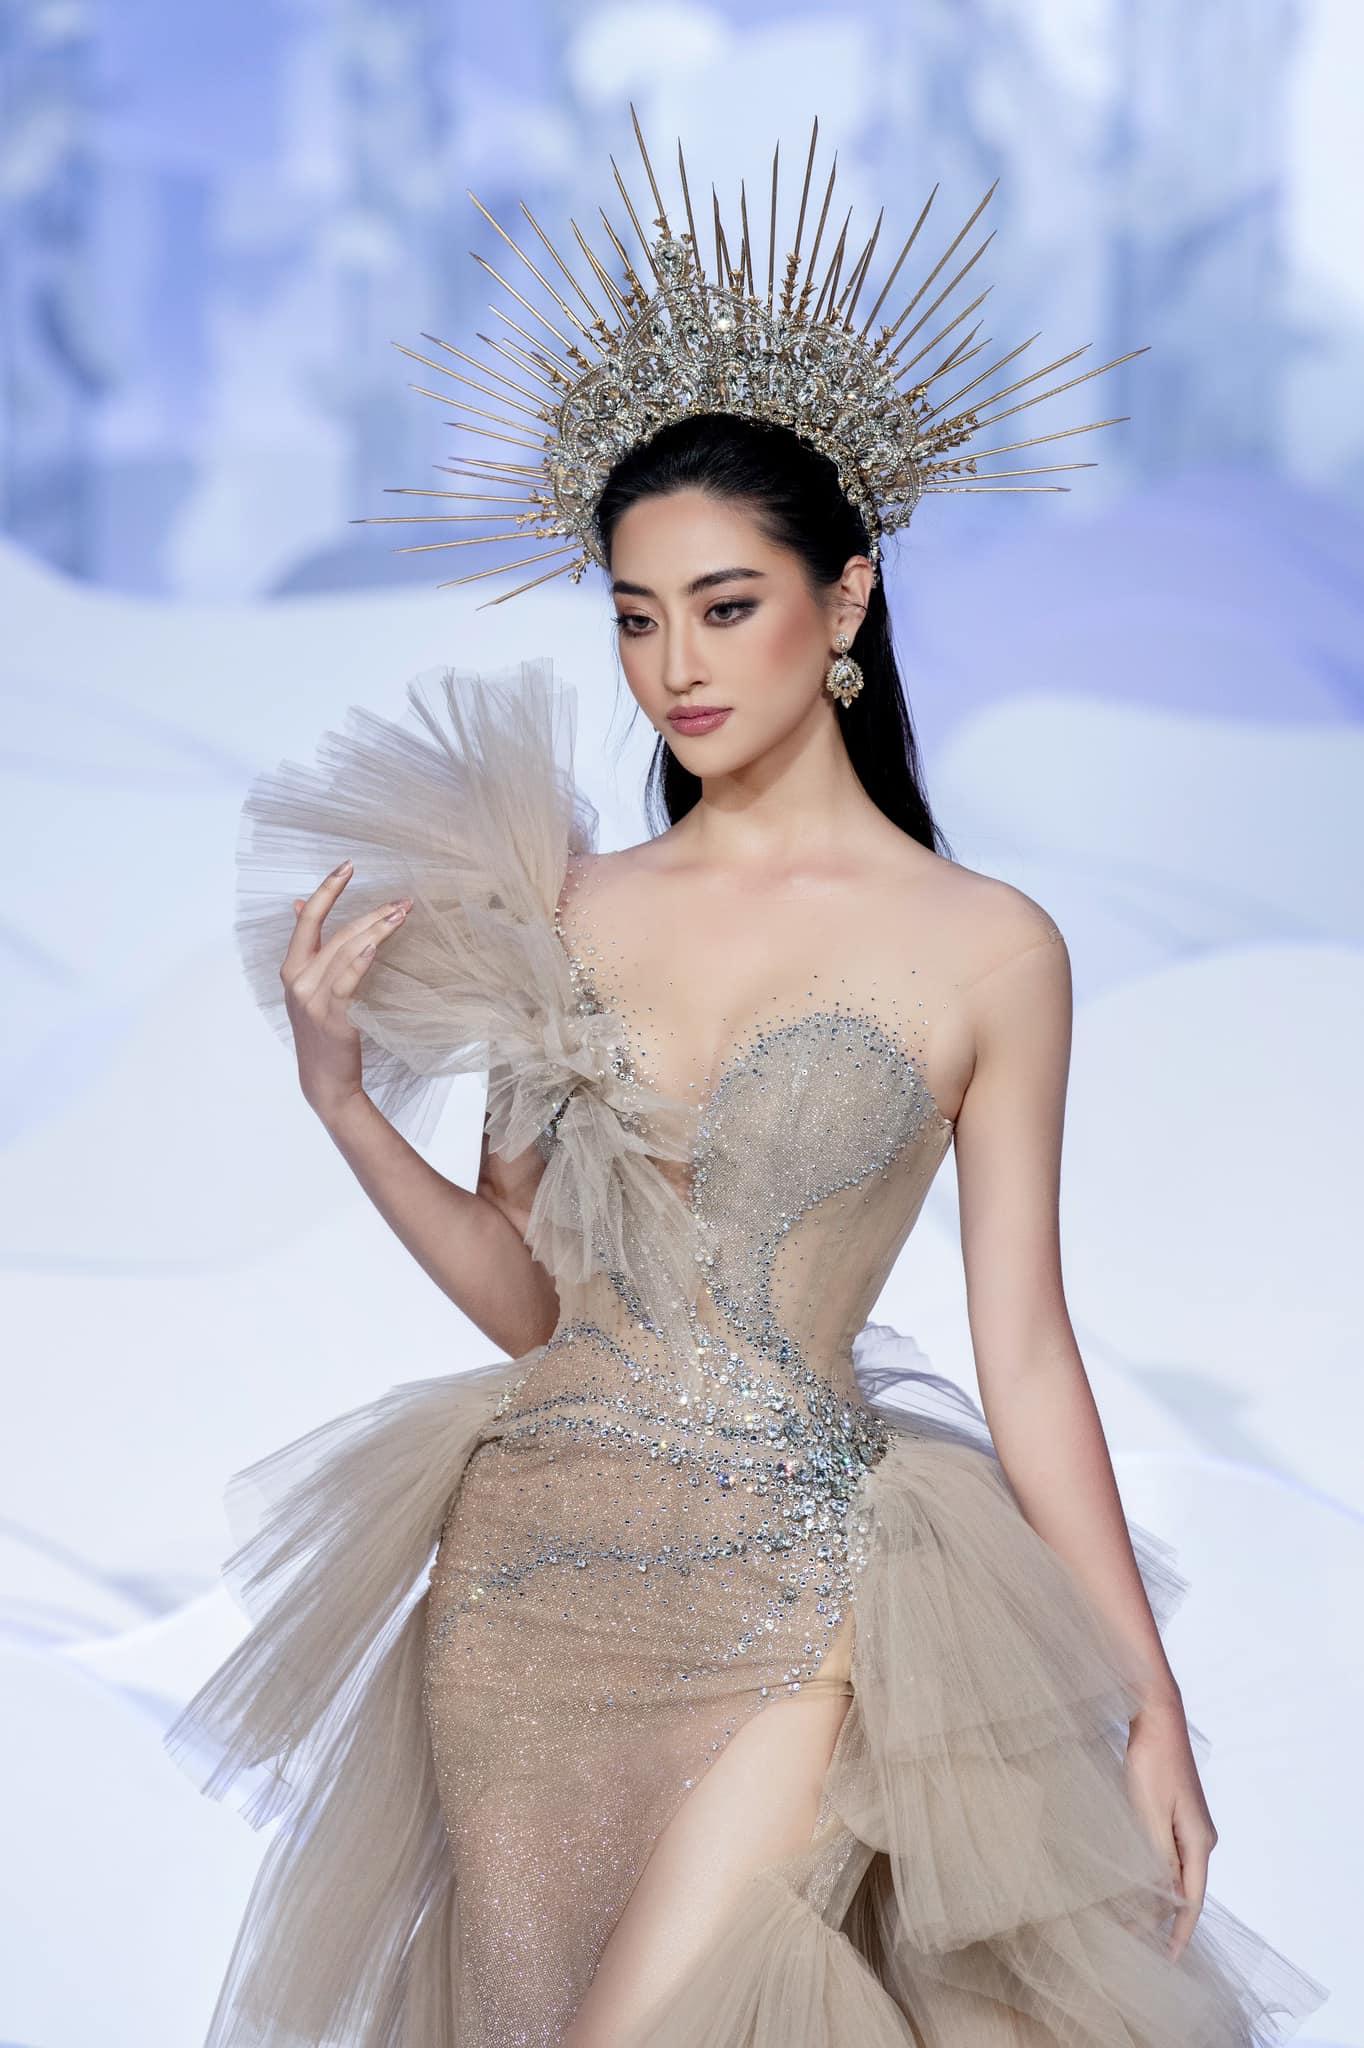 Lương Thùy Linh: 'Đôi lúc mệt mỏi vì gò mình theo chuẩn hoa hậu nhưng nhờ vậy, tôi trưởng thành hơn' Ảnh 3